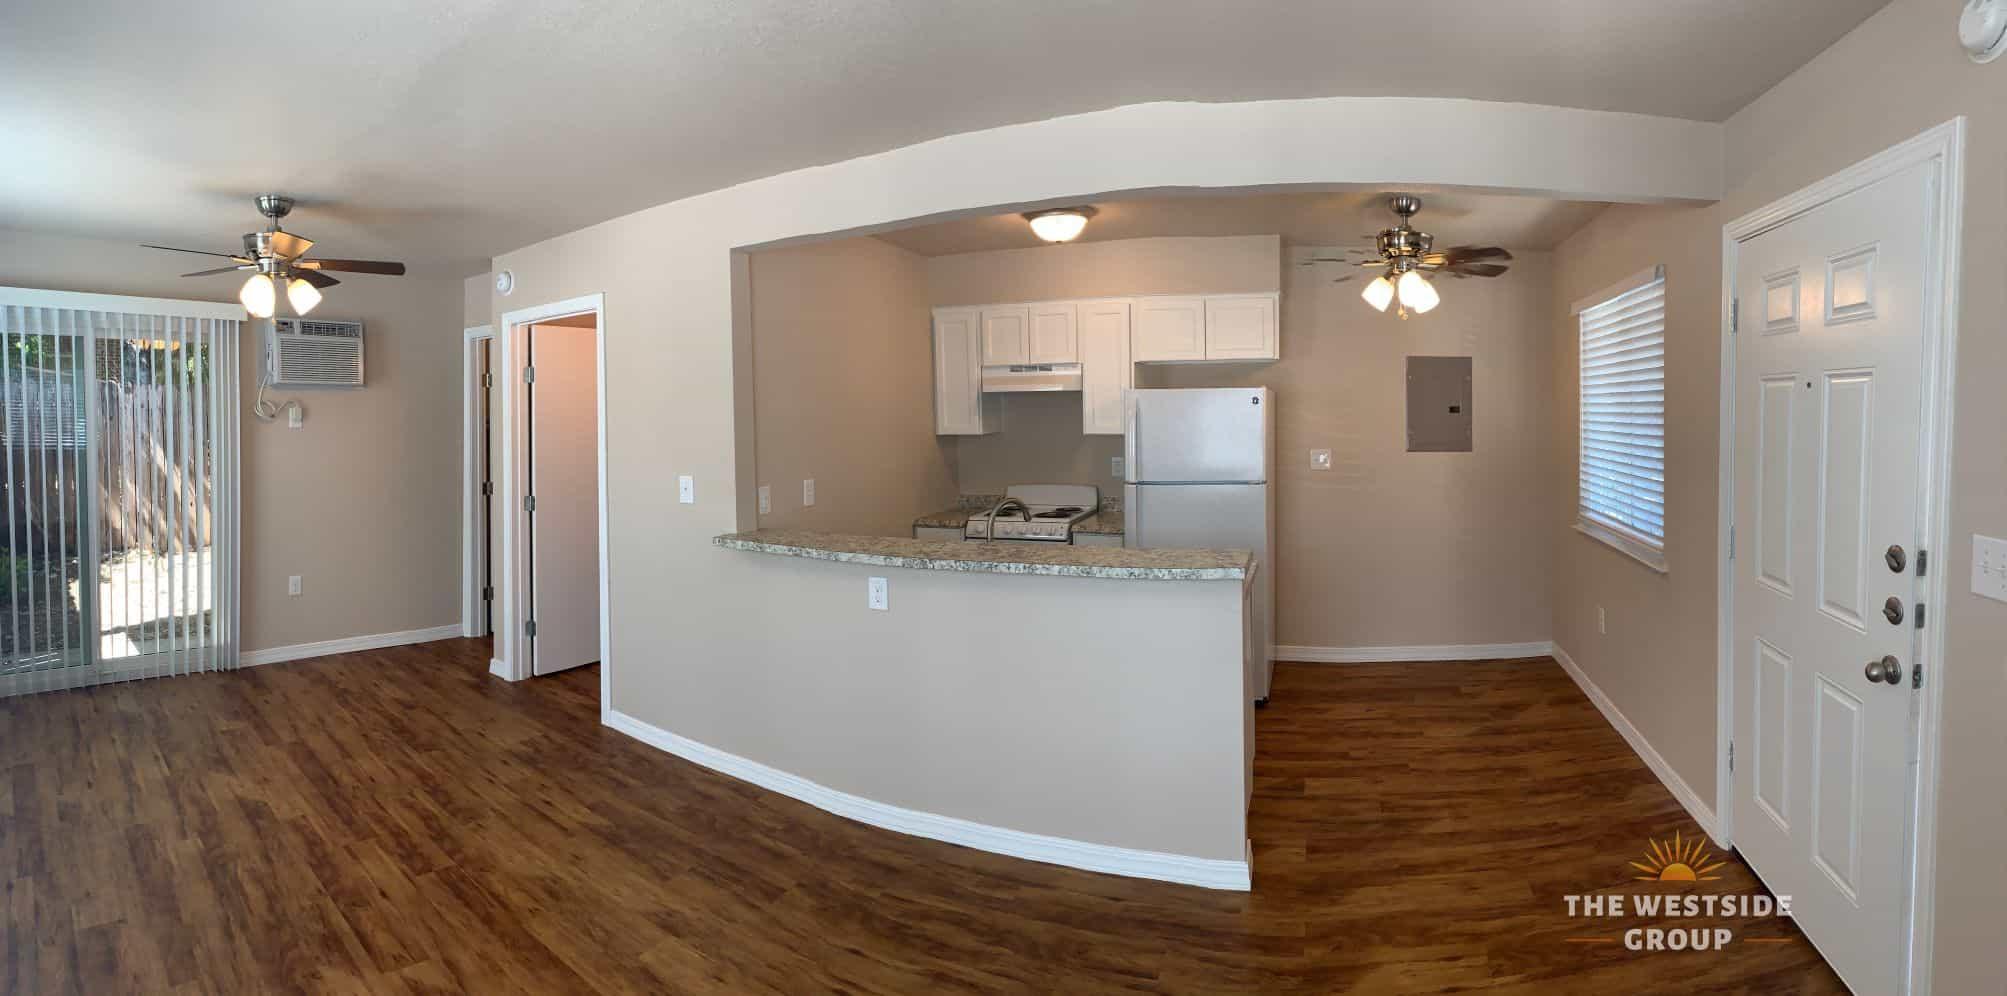 open floor plan unit with updated fixtures